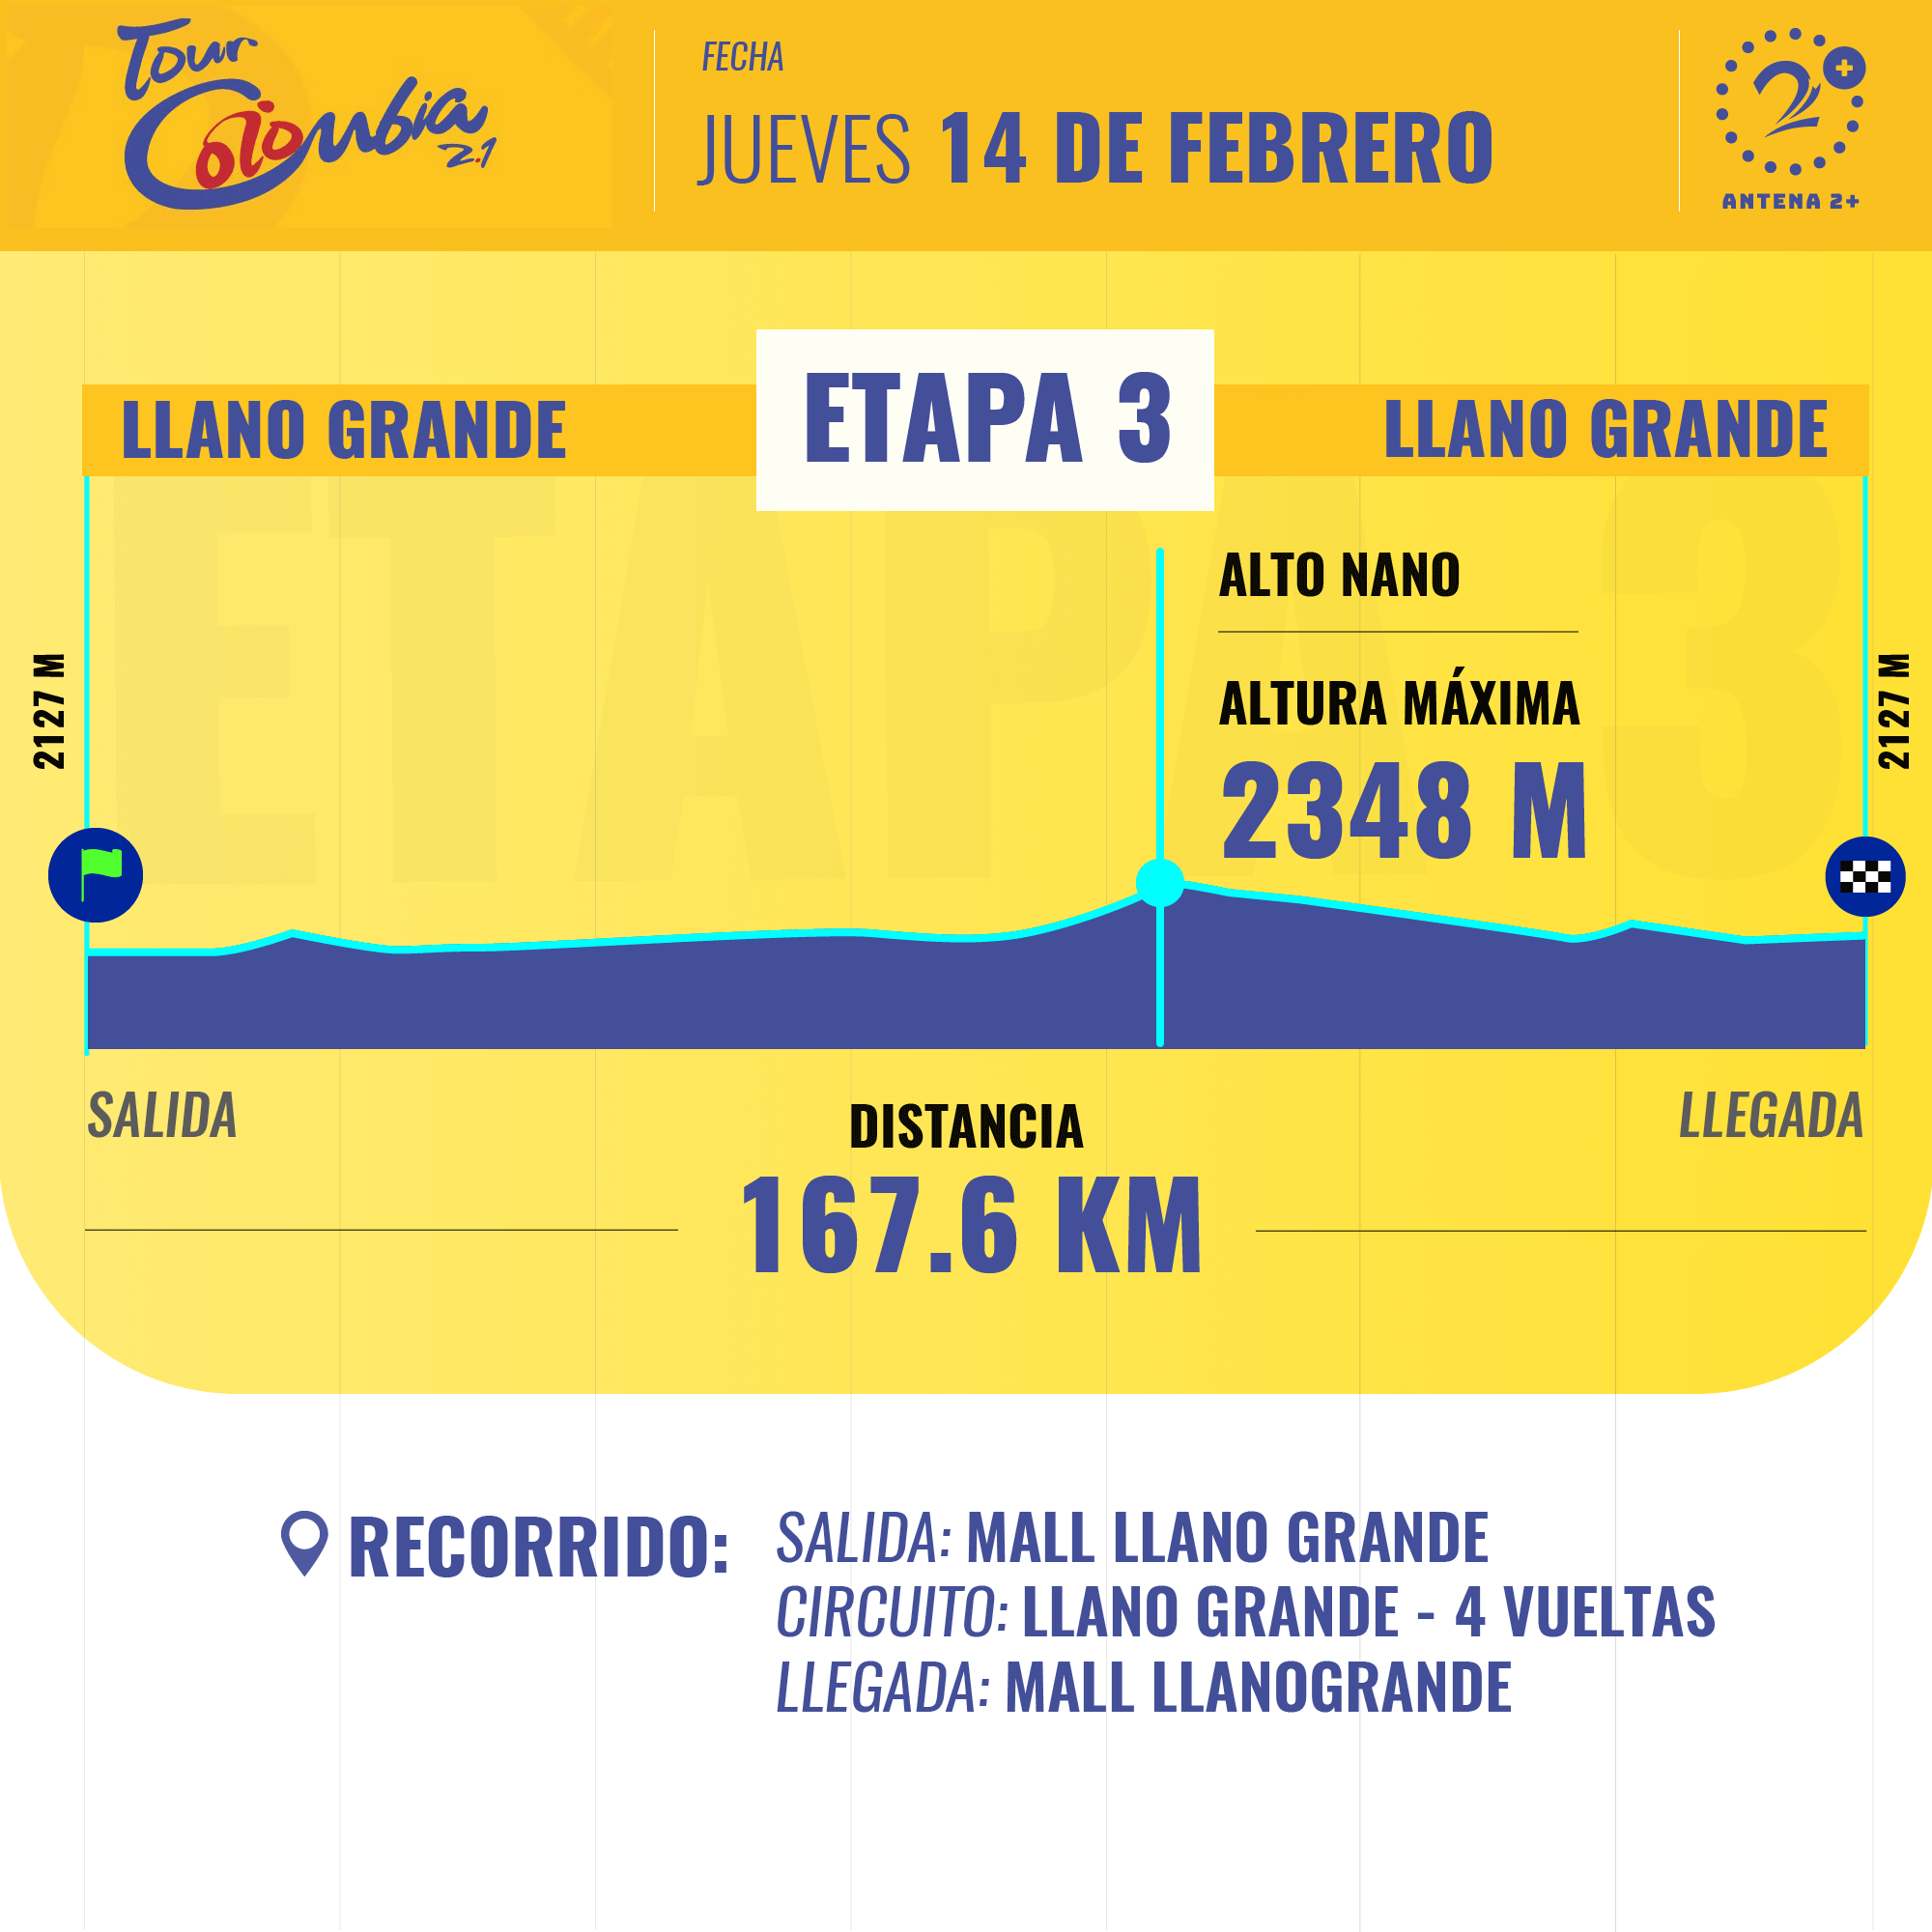 Así será la tercera etapa del Tour Colombia este jueves en Llano Grande.